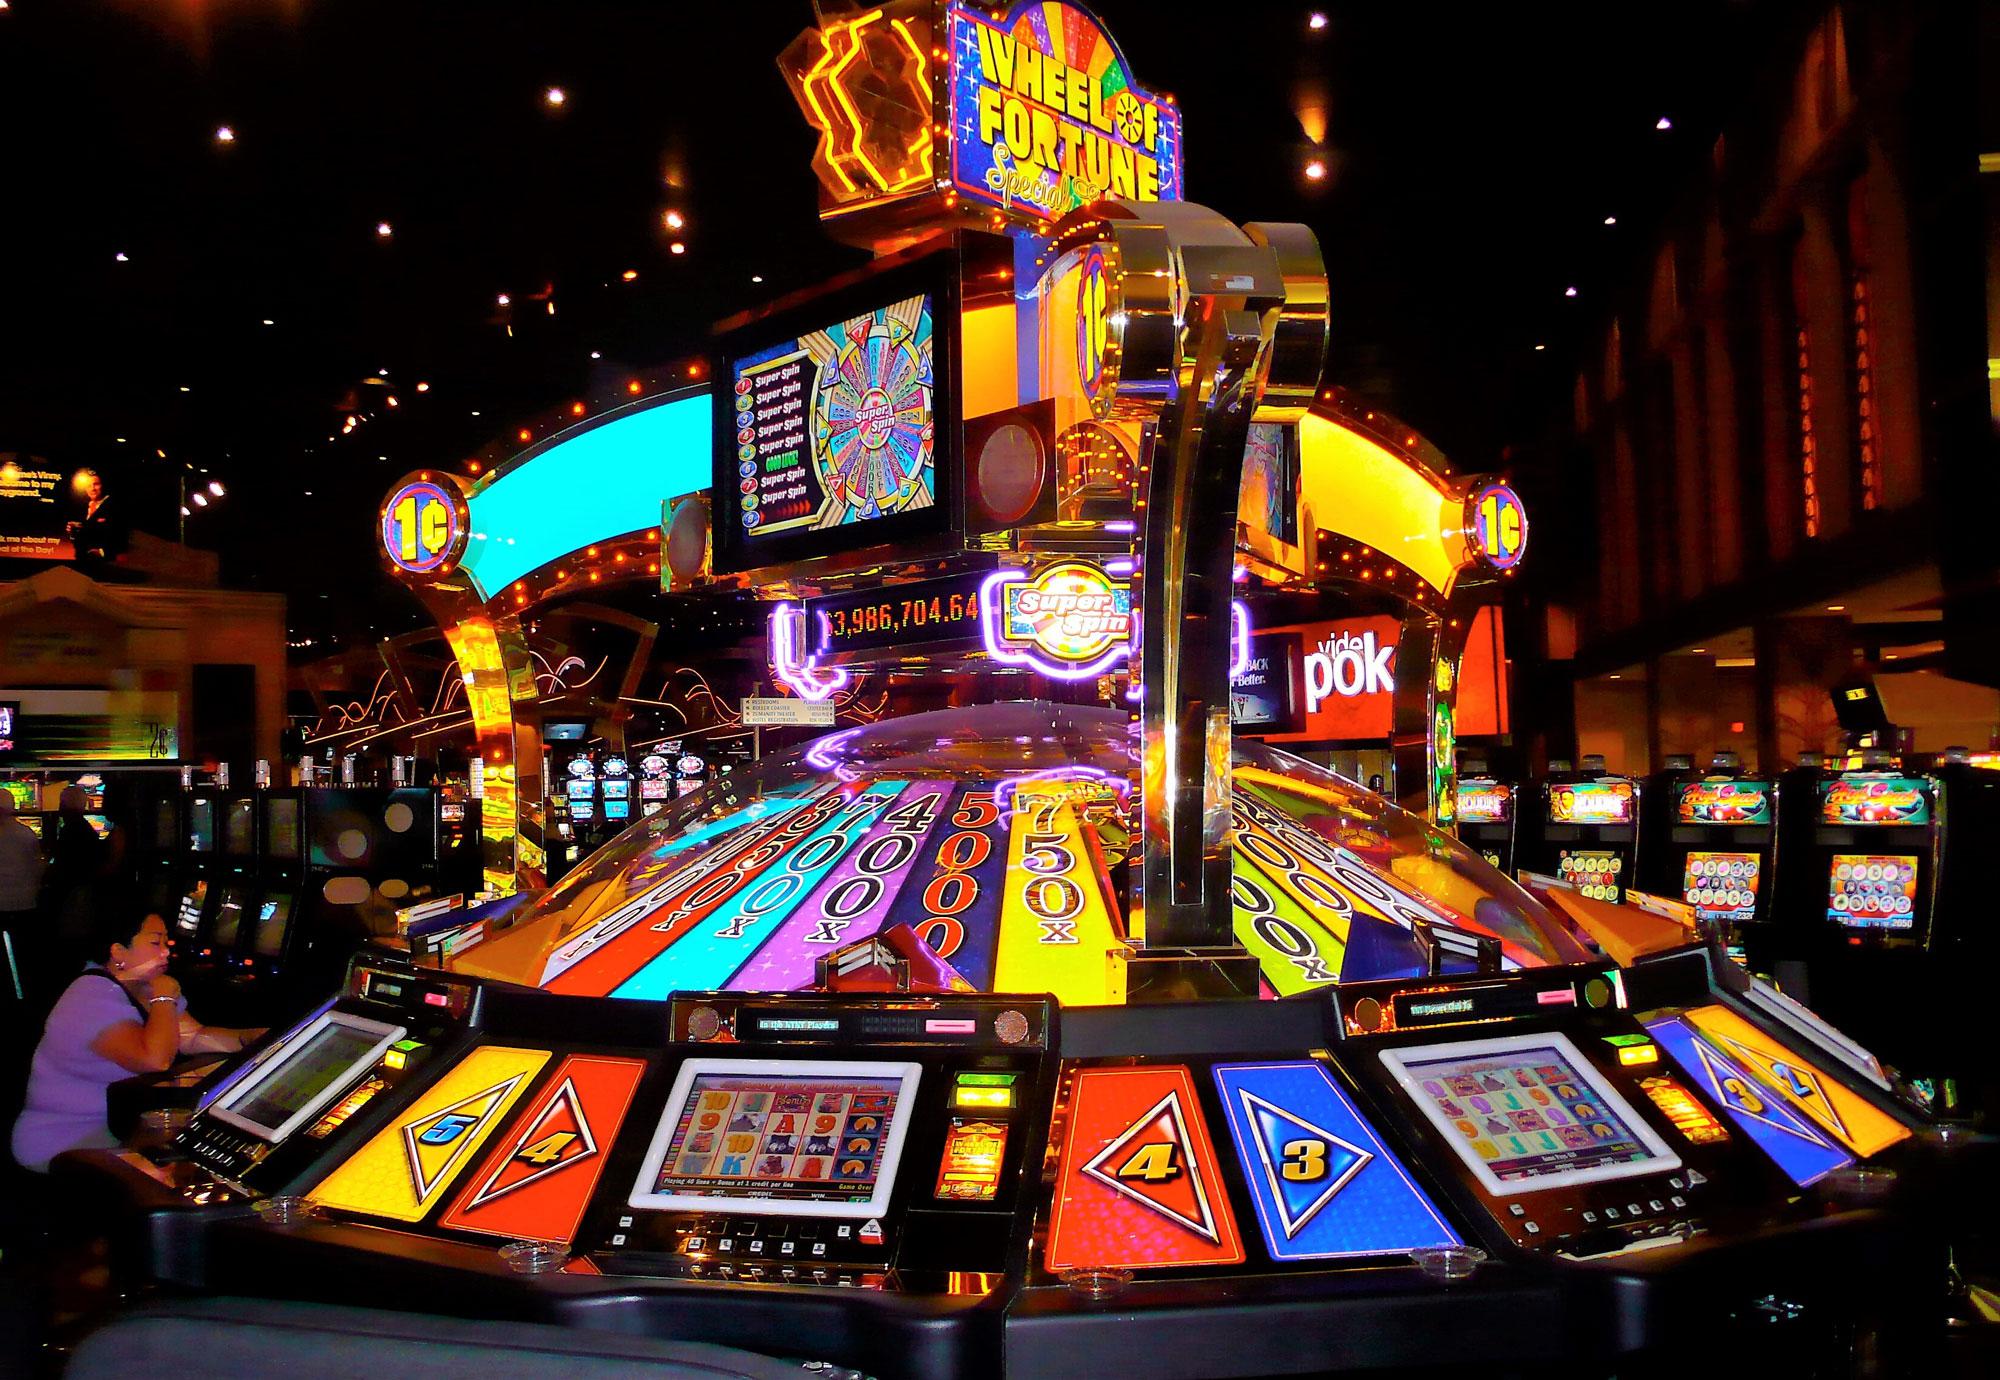 Система игровых автоматов с прогрессивным джекпотом. Автор фото LetNoun, flickr.com